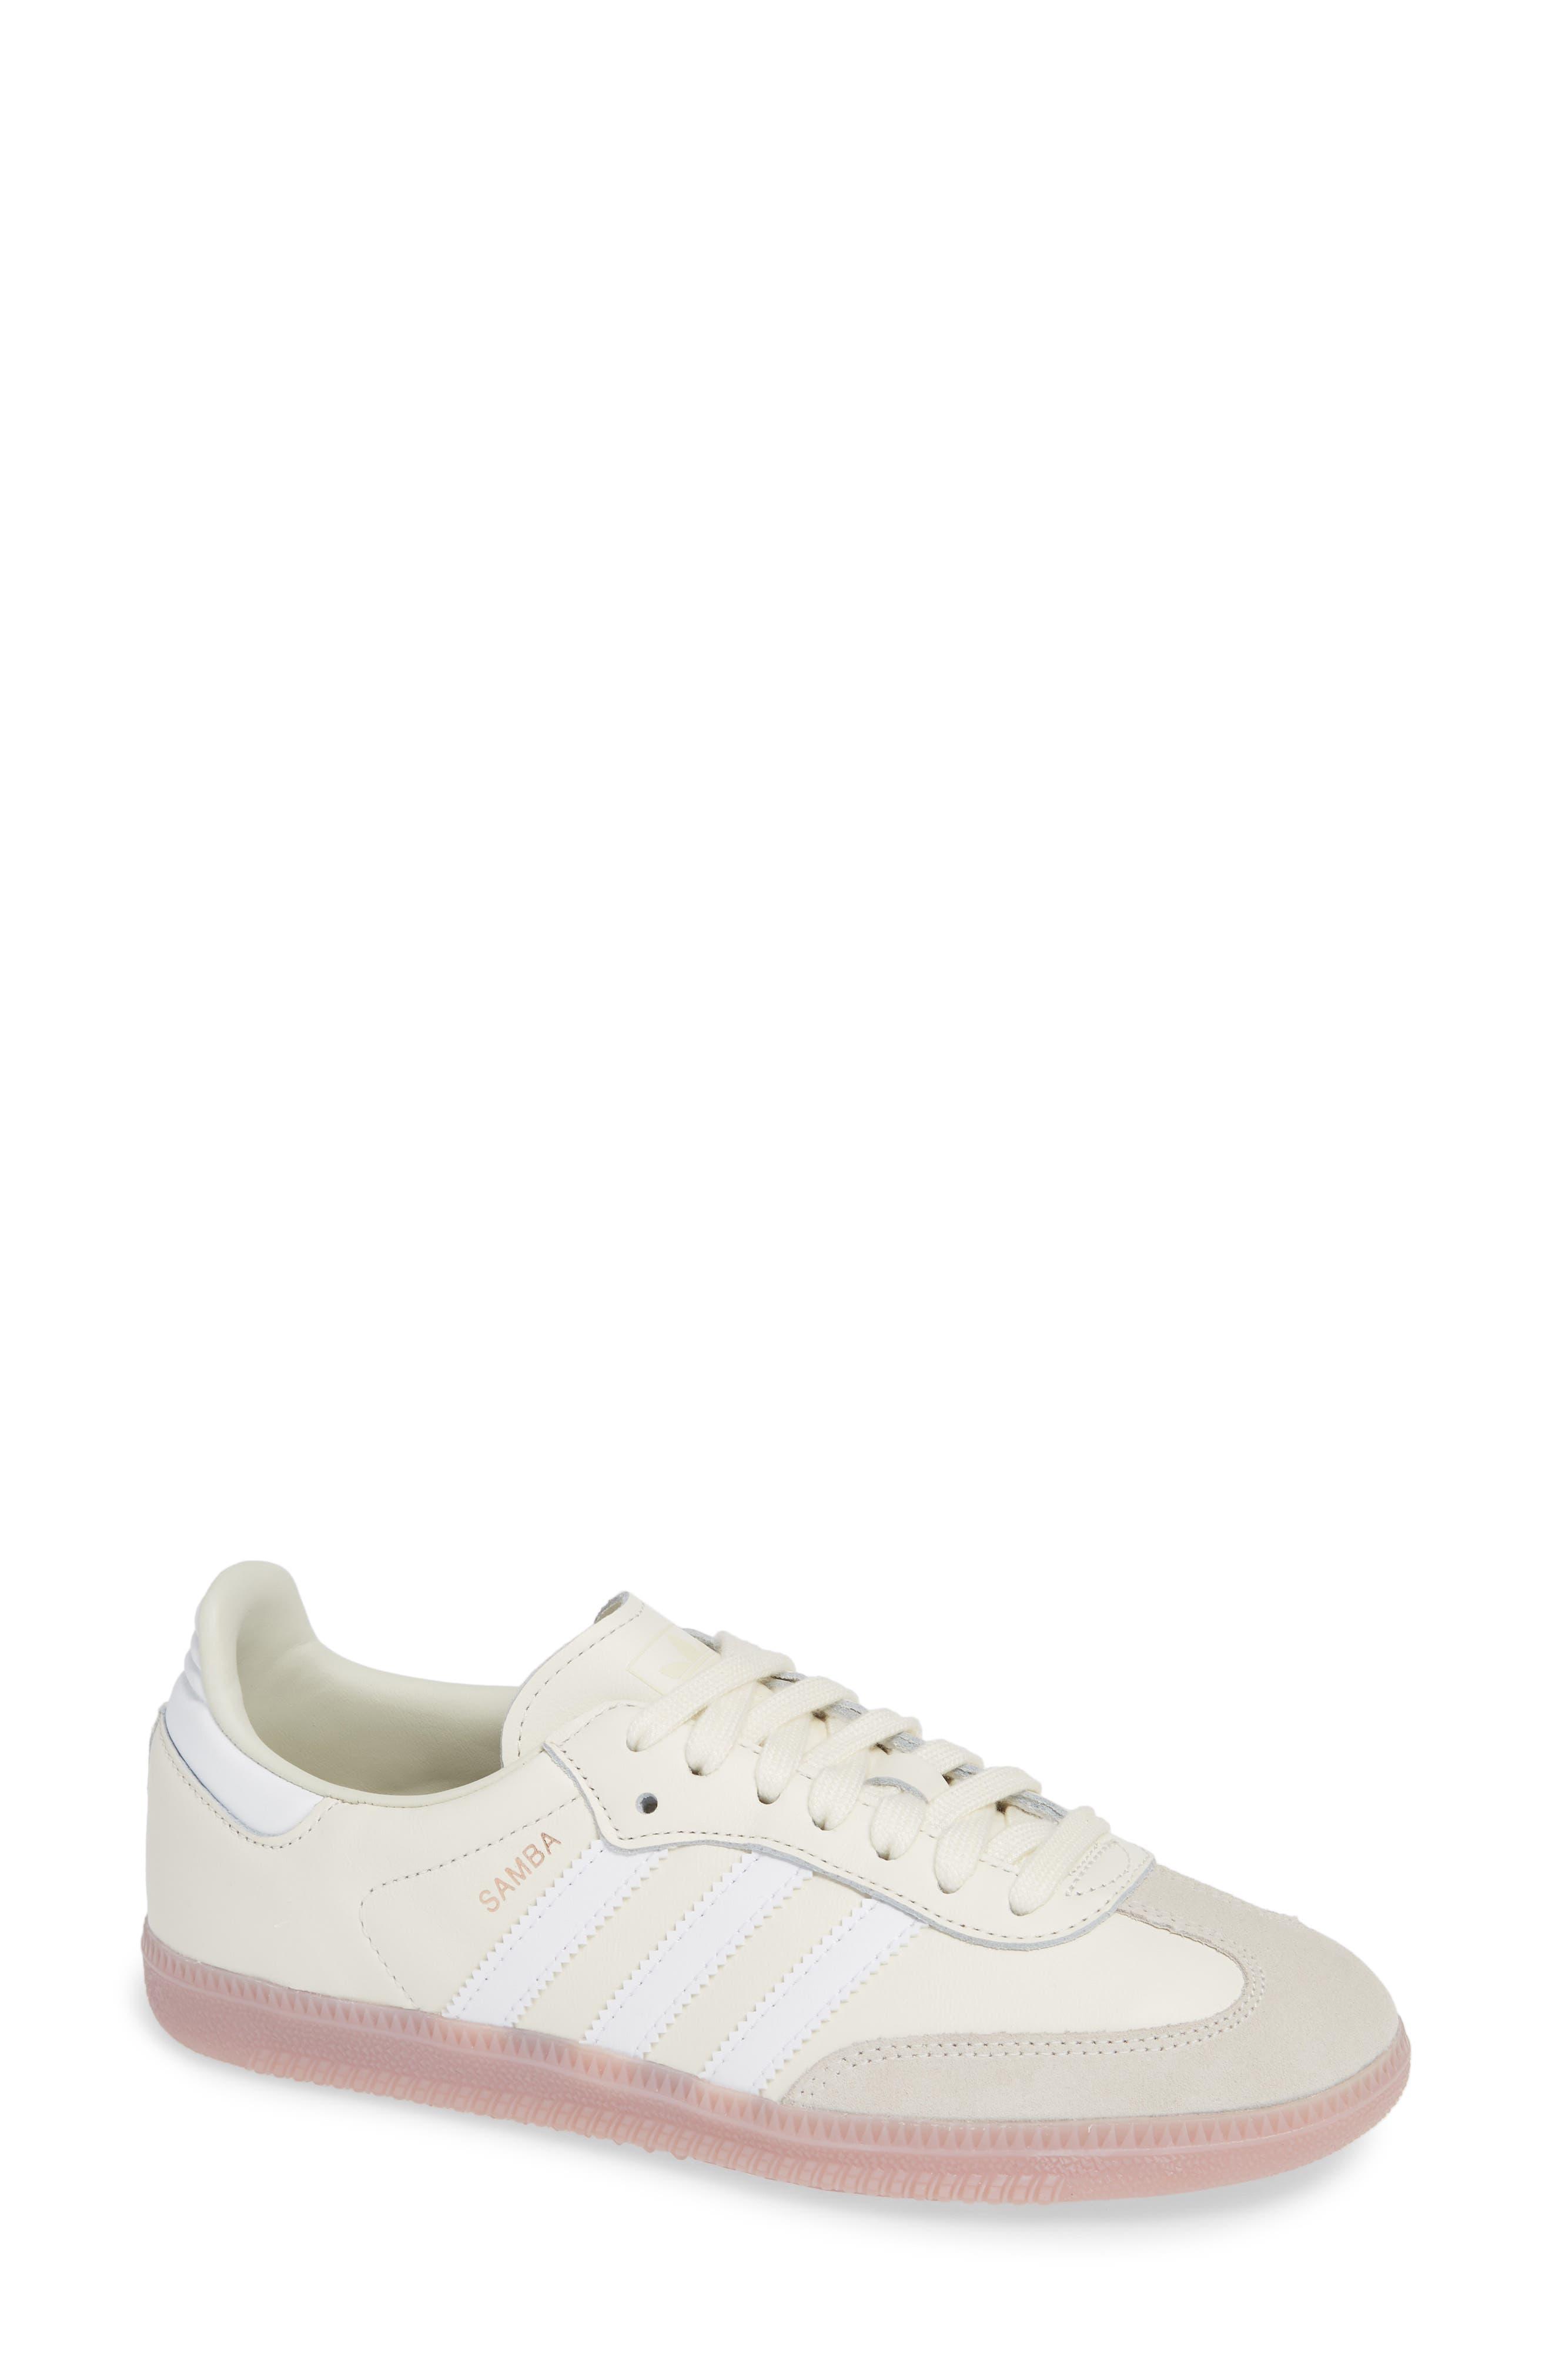 Samba Sneaker,                         Main,                         color, OFF WHITE/ WHITE/ SOFT VISION